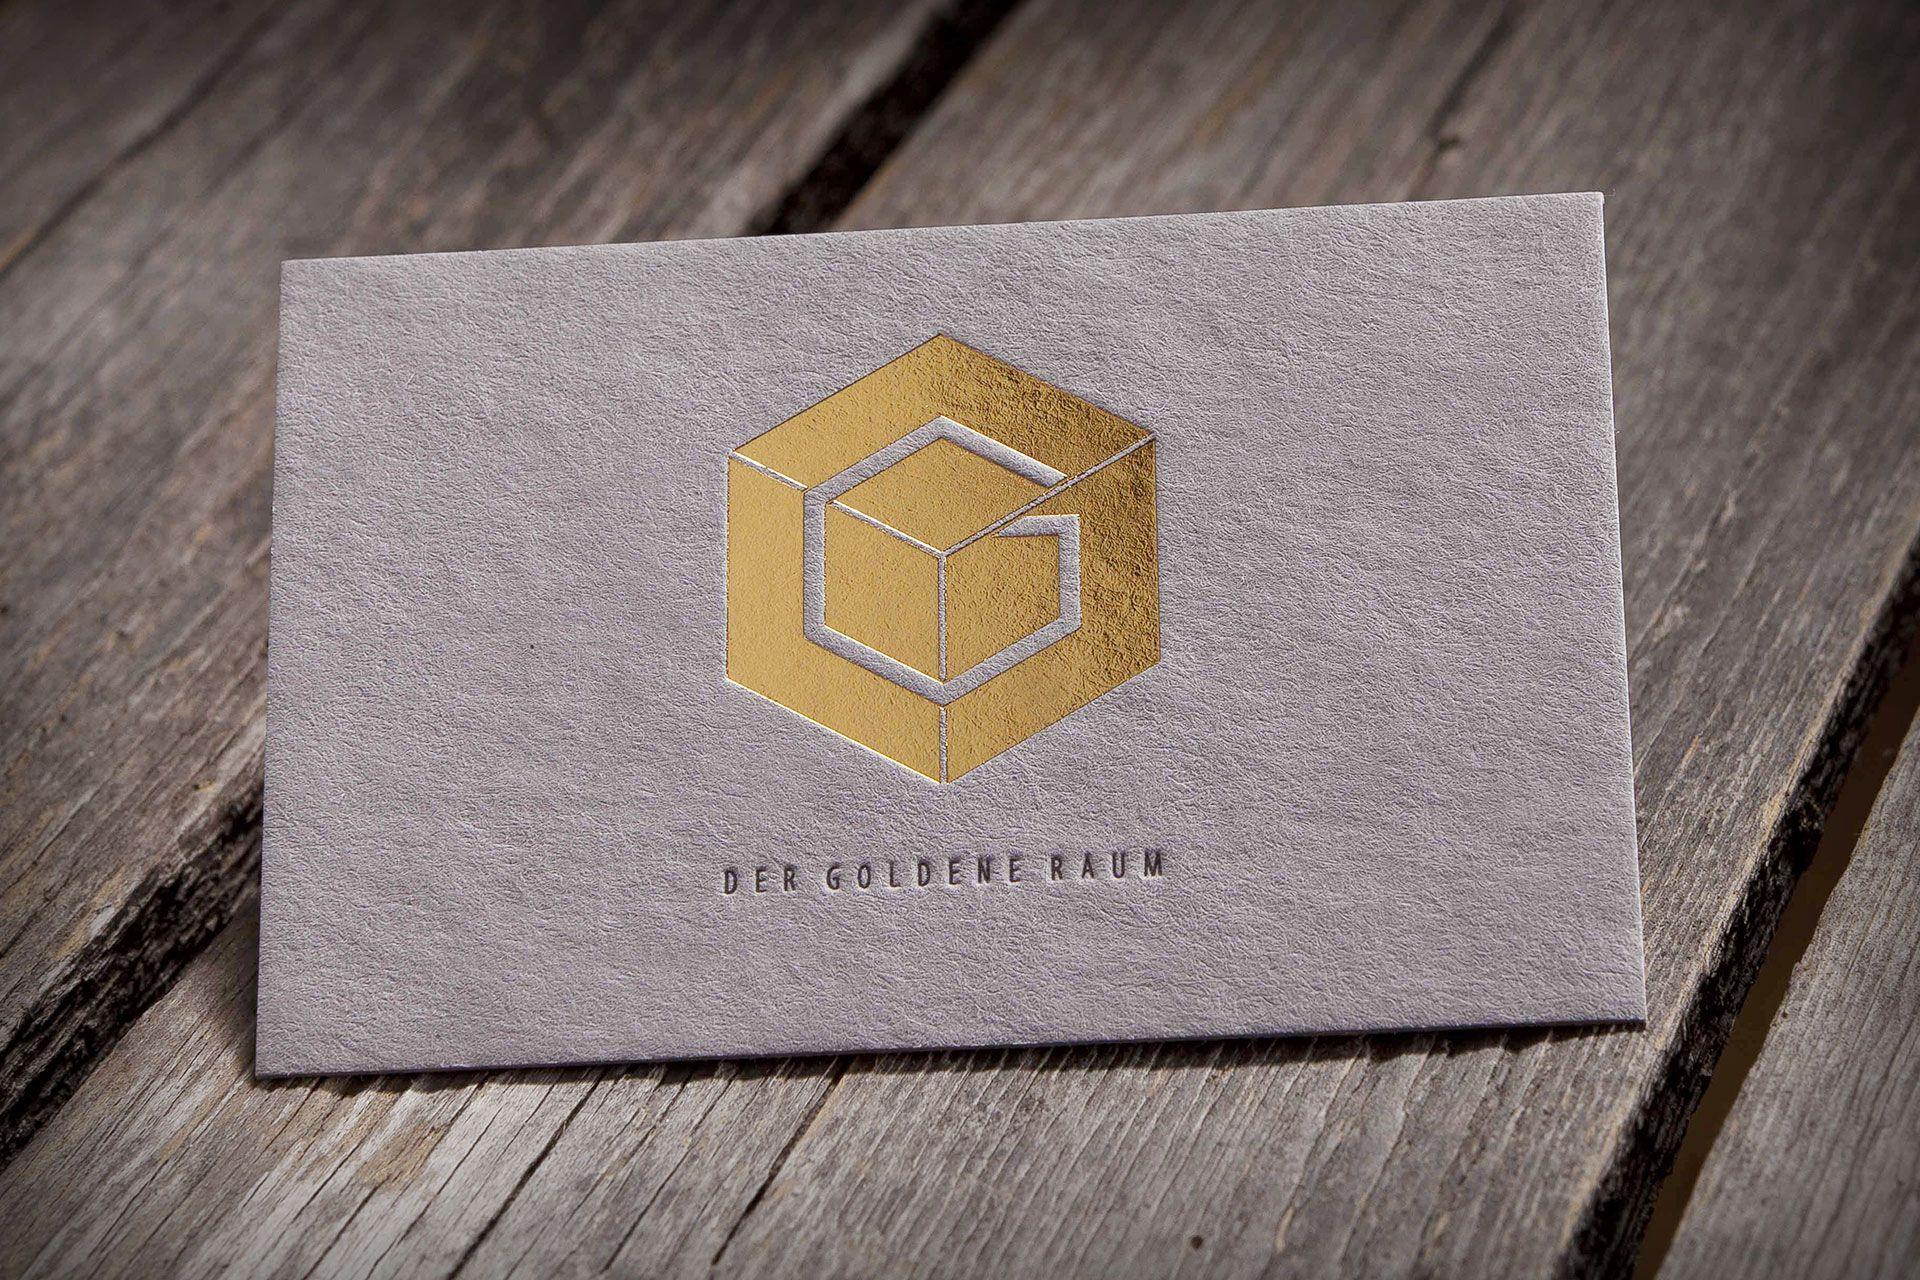 Der Goldene Raum Visitenkarten Heißfolienprägung Und